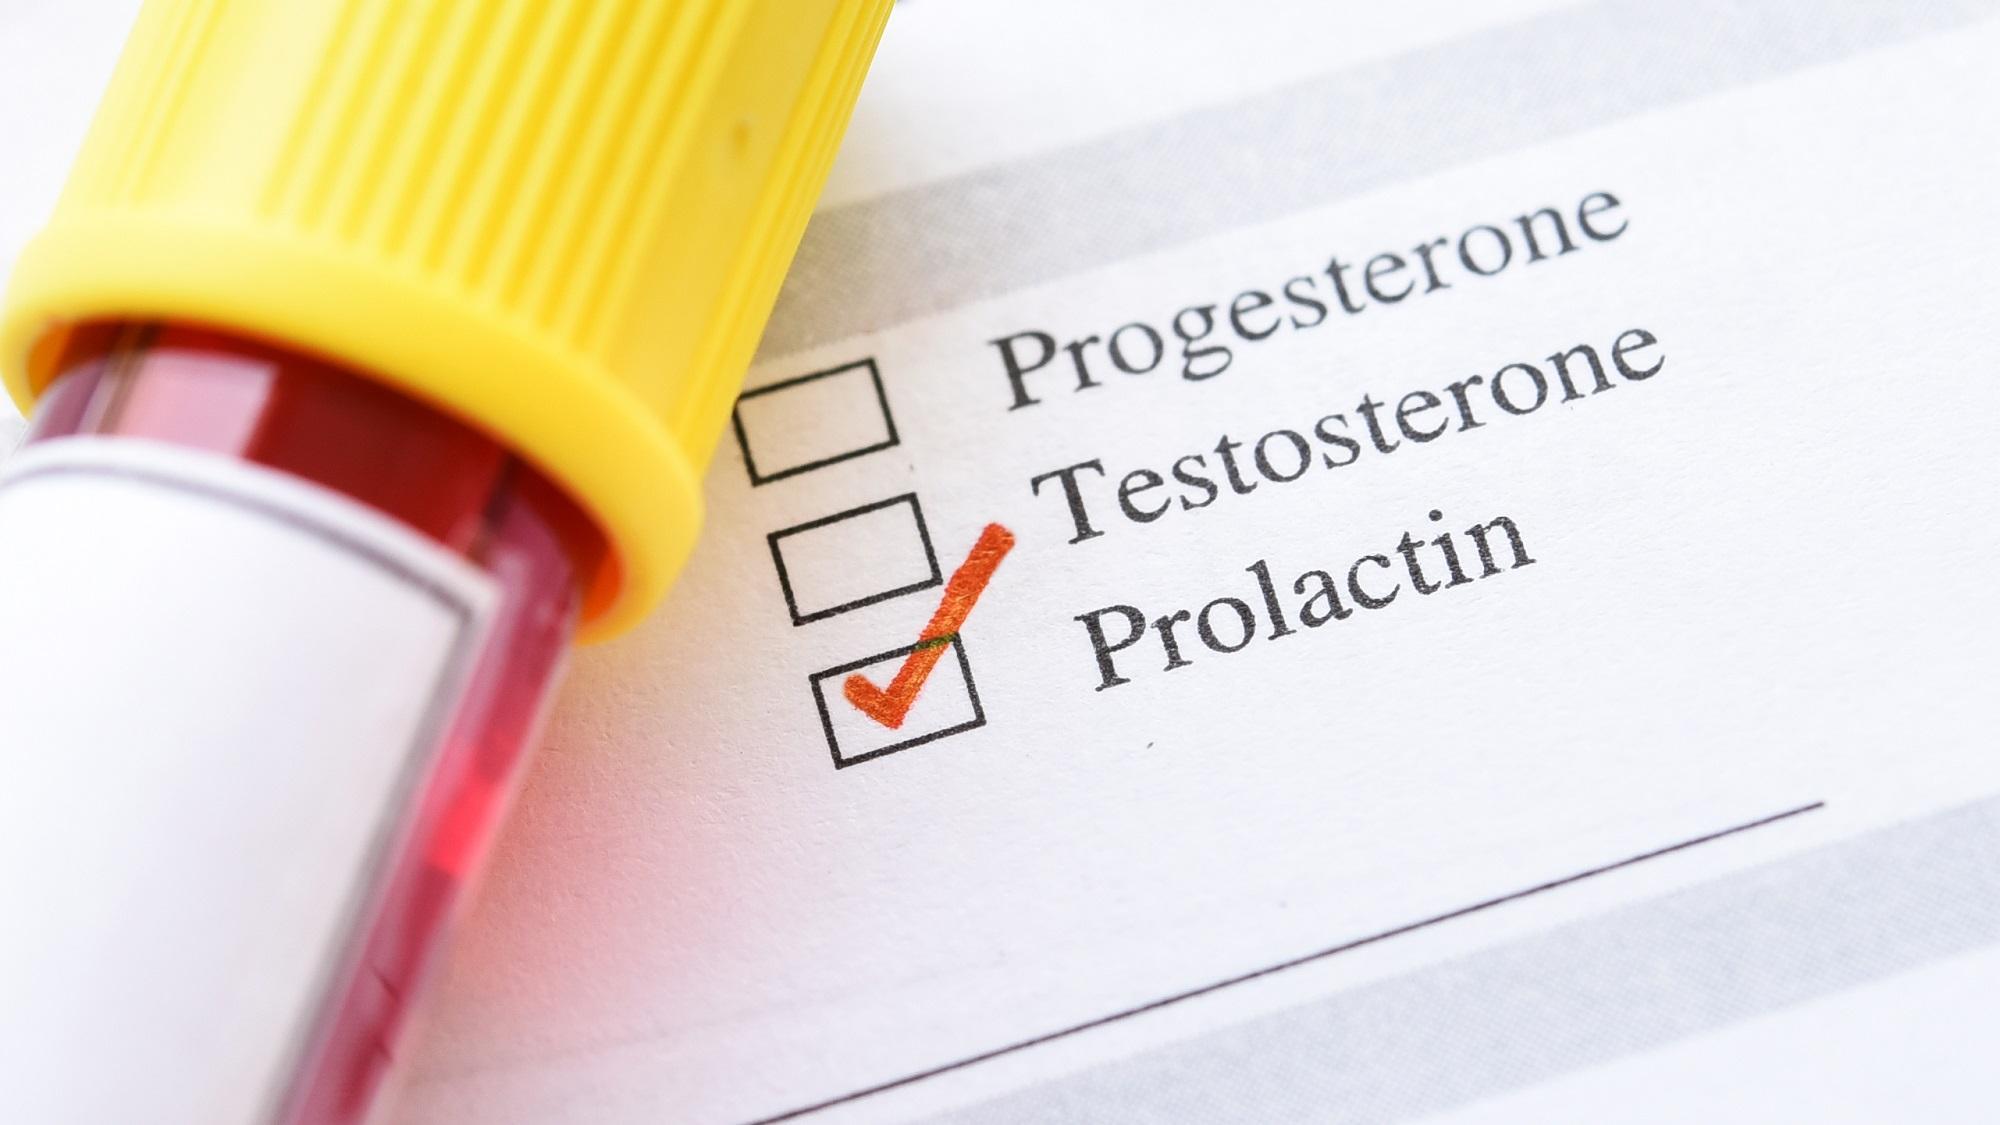 Как снизить пролактин в организме